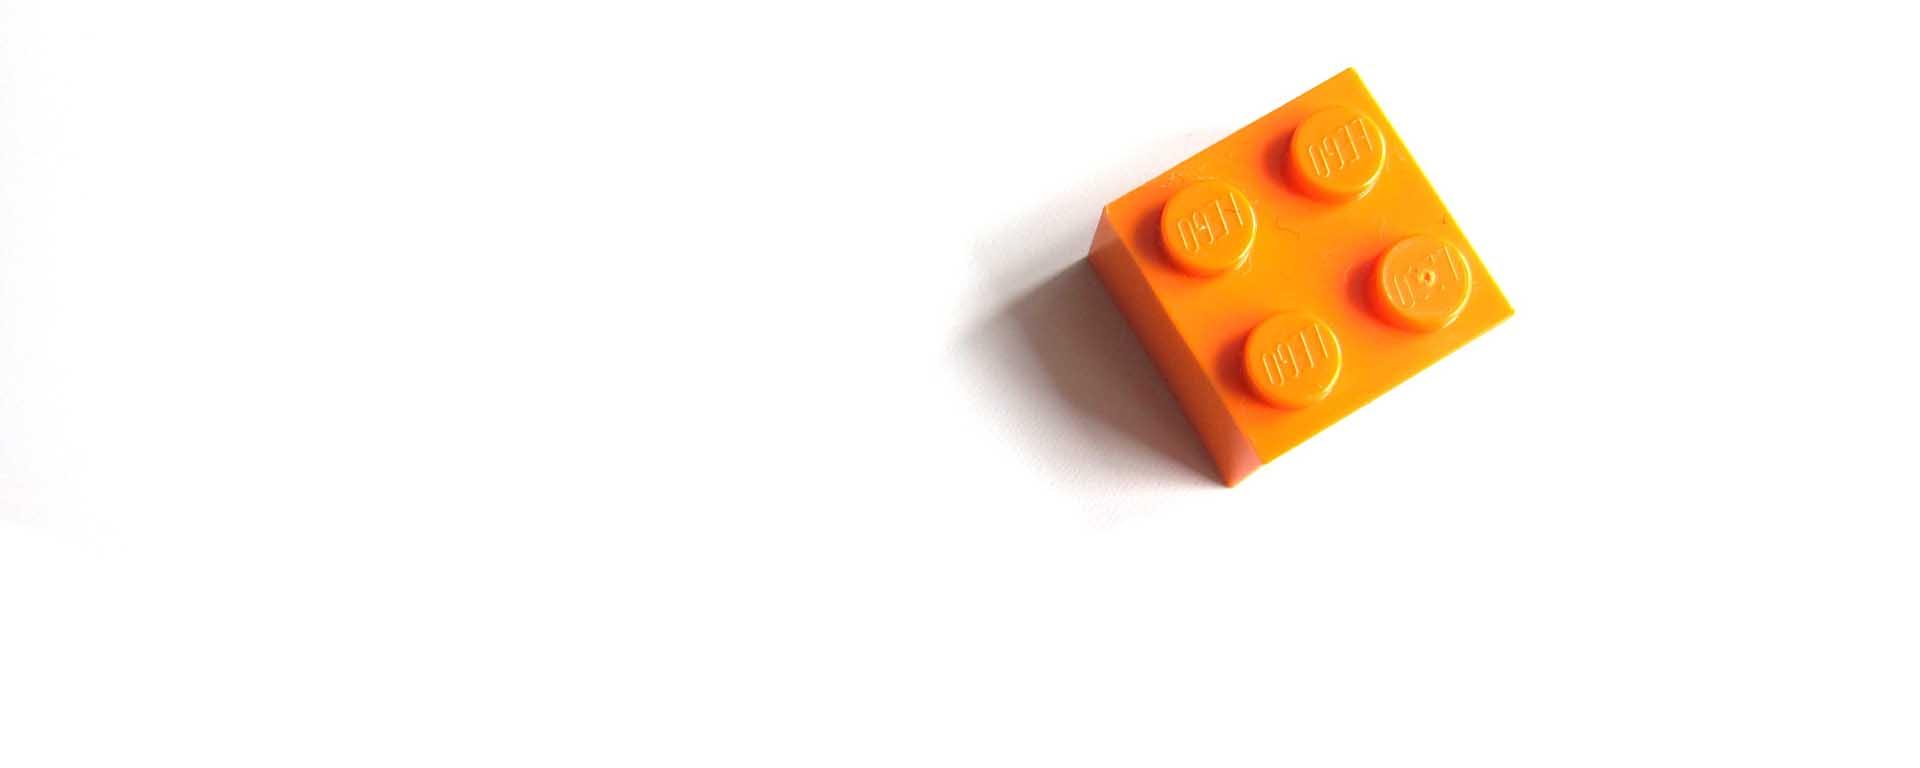 Orange lego block against a white background